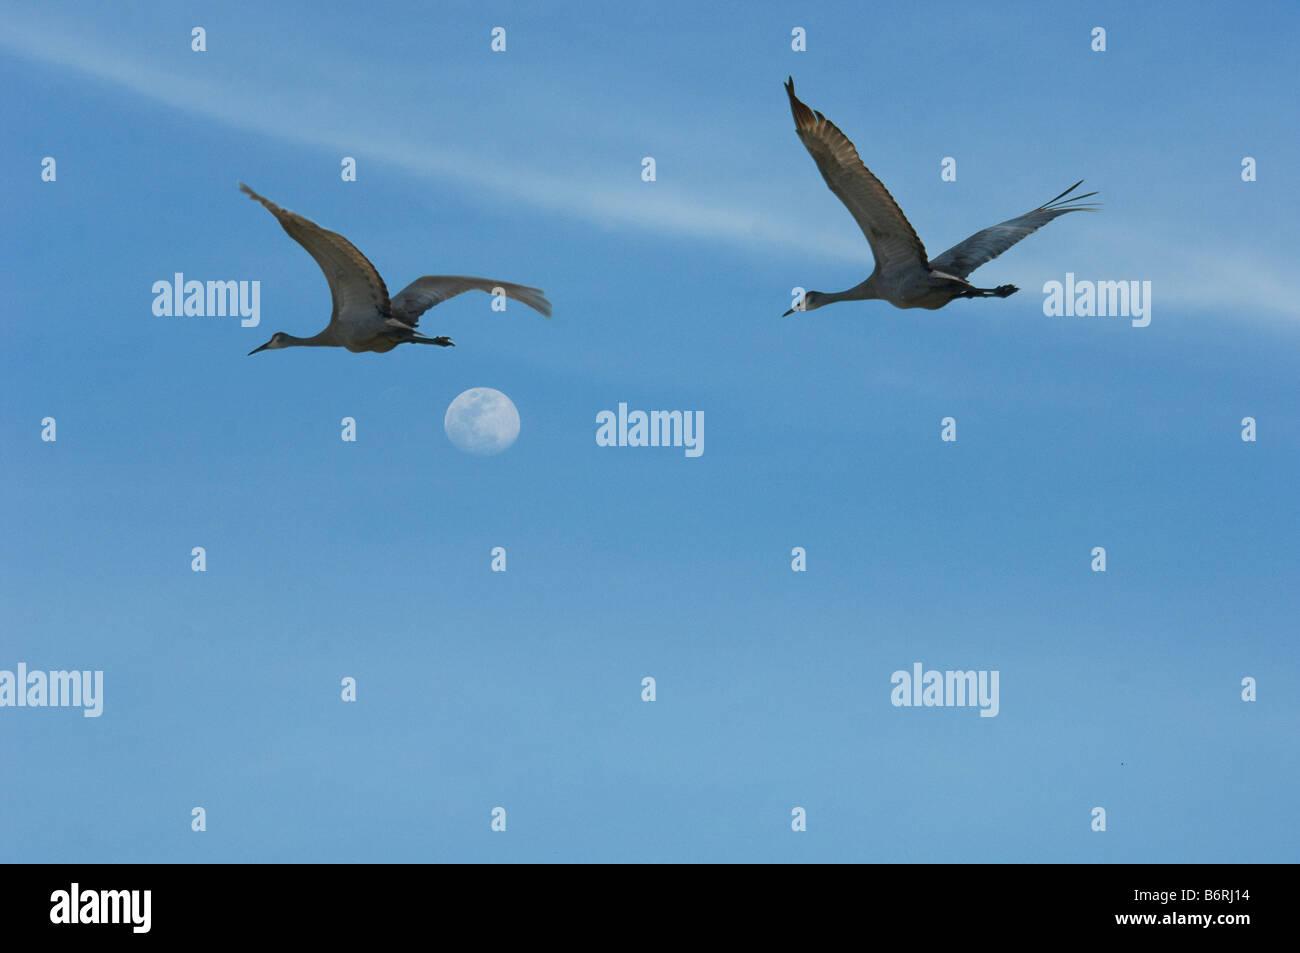 Pair of Sandhill Cranes in flight against sky - Stock Image